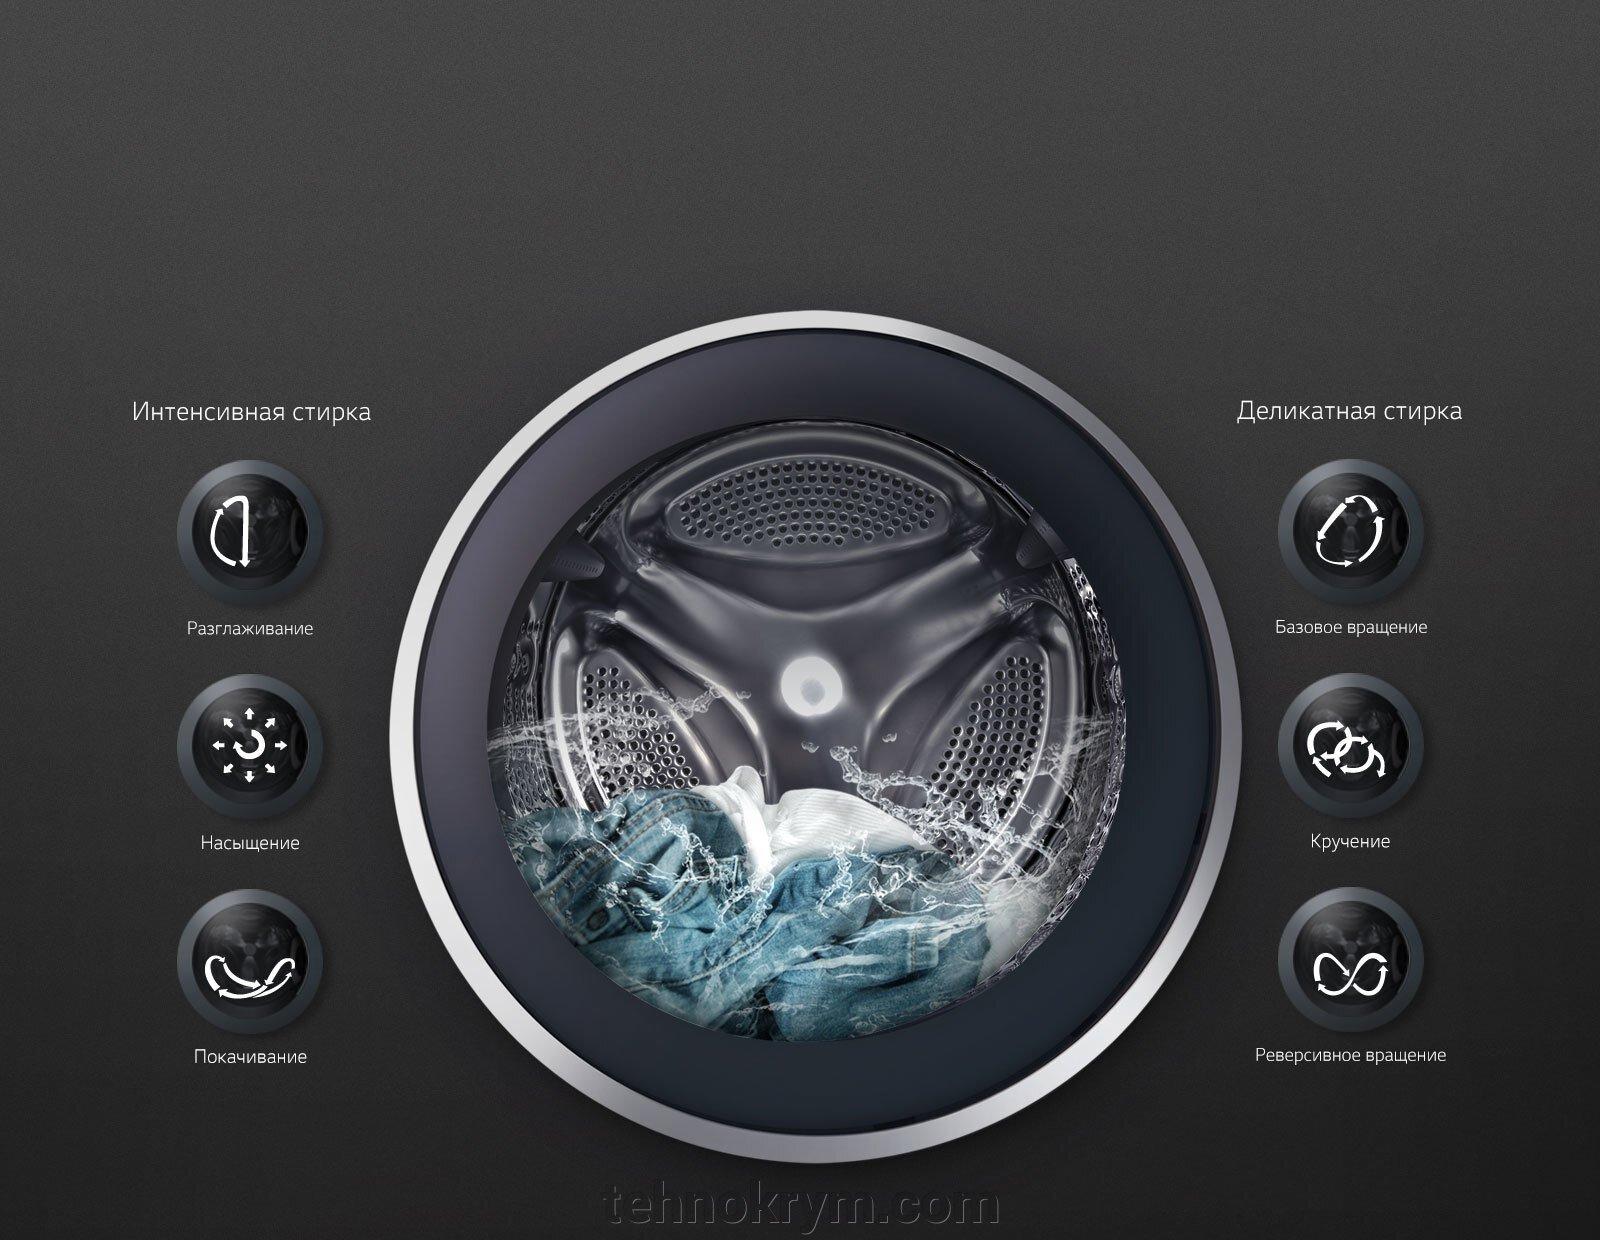 Стиральная машина LG F2J3TS0W с прямым приводом и функцией пара Steam - фото LG F2J3TS0W